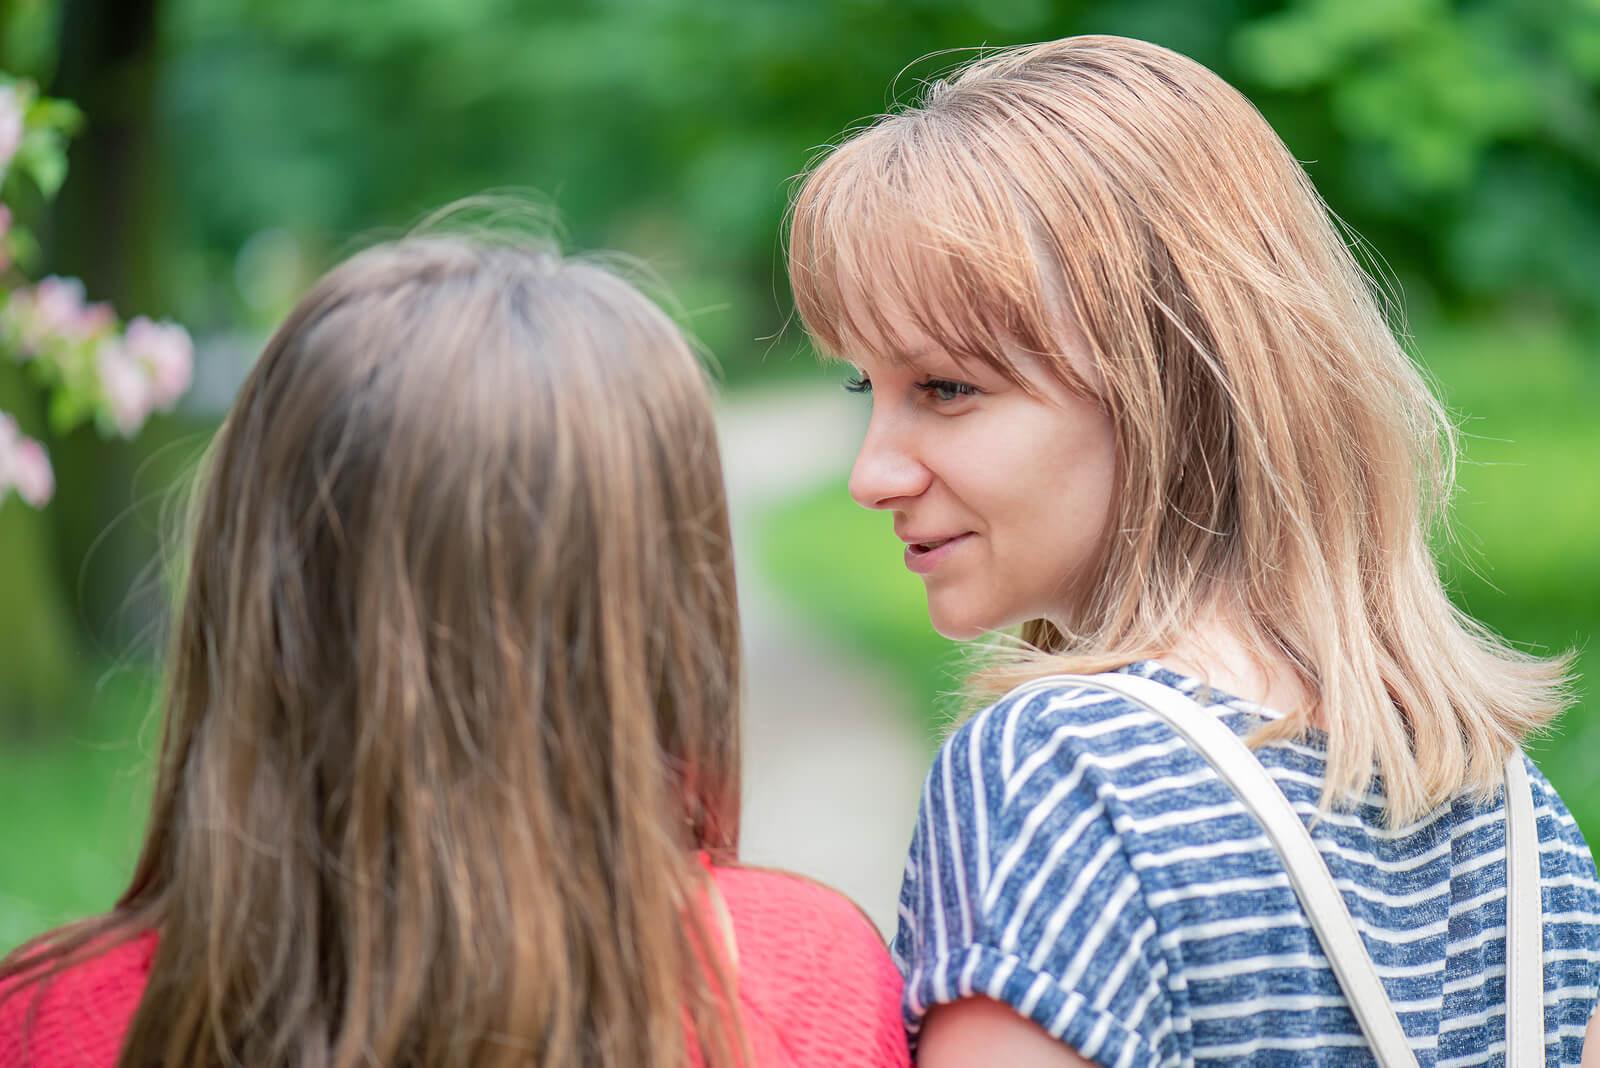 Madre hablando con su hija para saber si un familiar la ha desautorizado frente a su hijo.